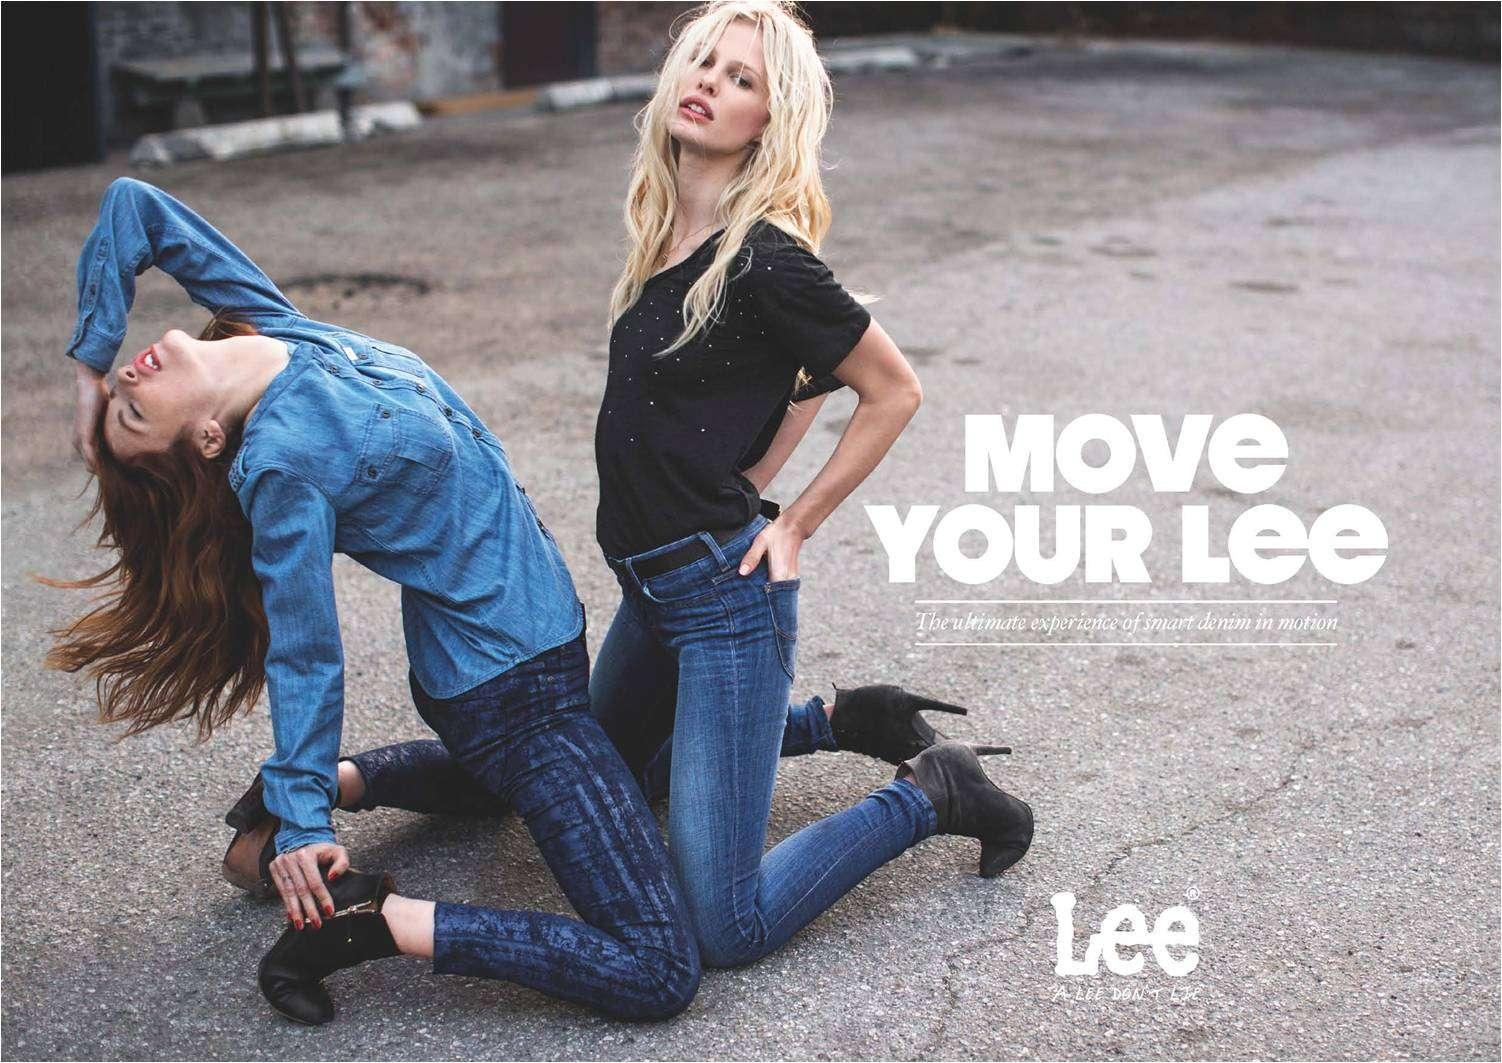 women-lee